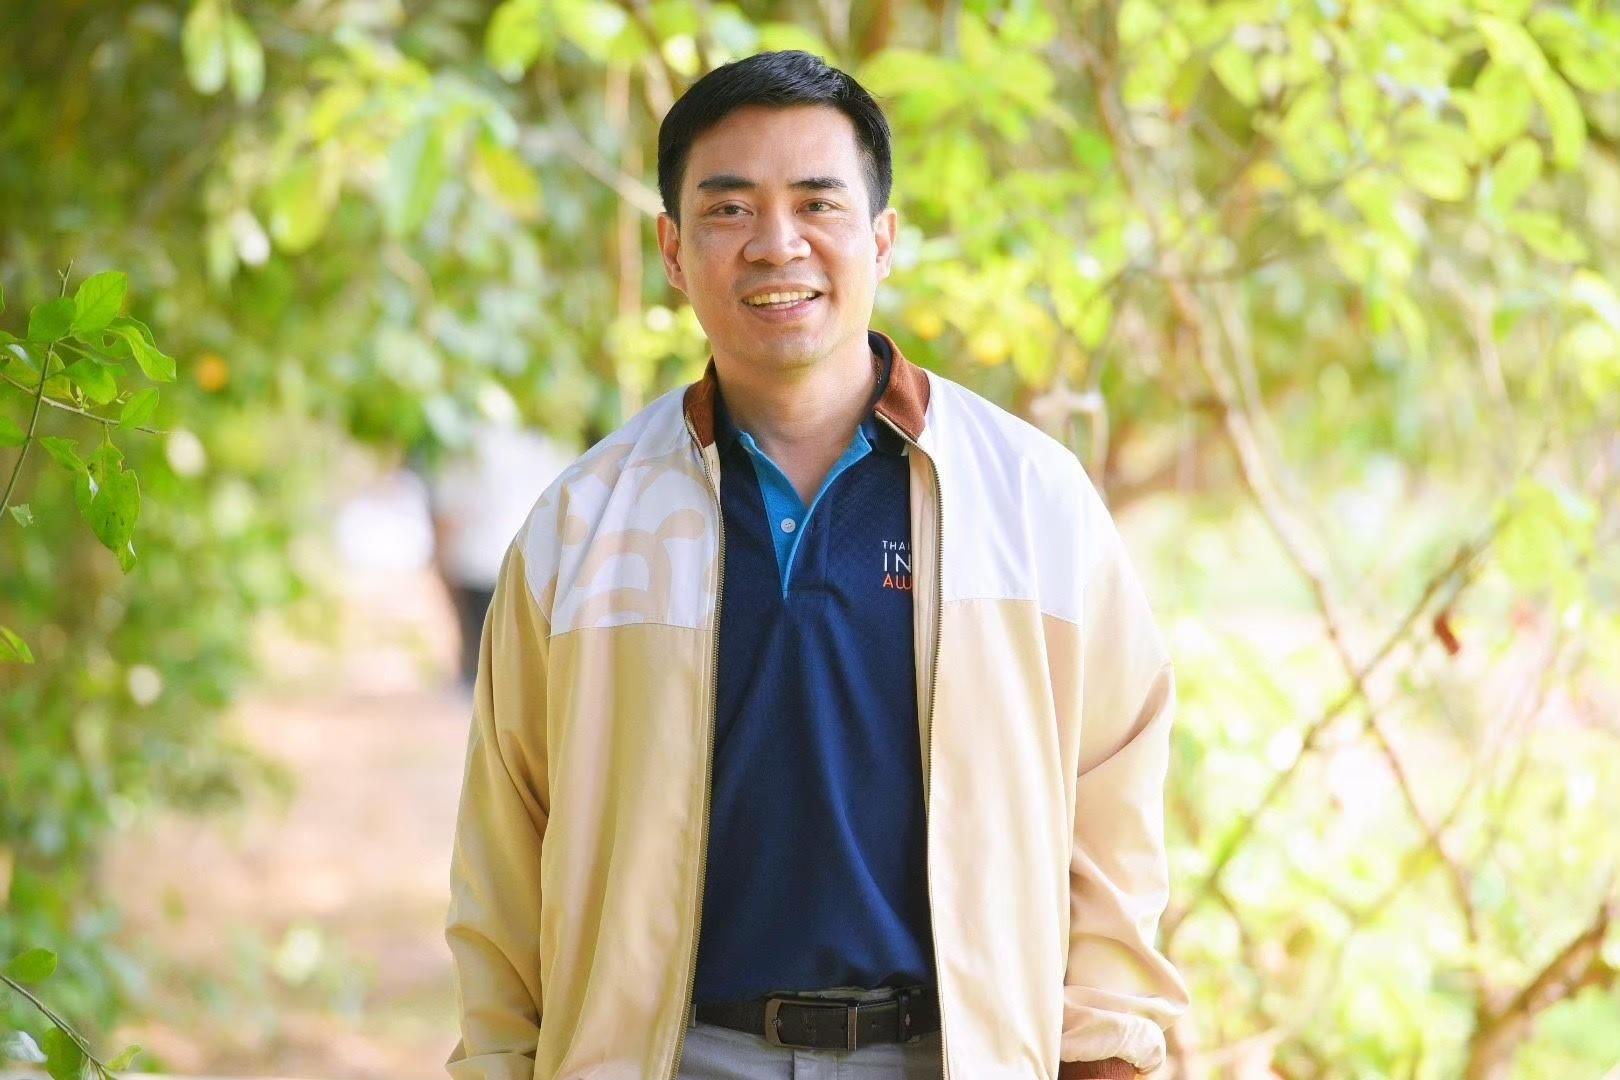 เสริมความรู้ป้องกันโควิด ในโรงเรียนผู้สูงอายุ thaihealth